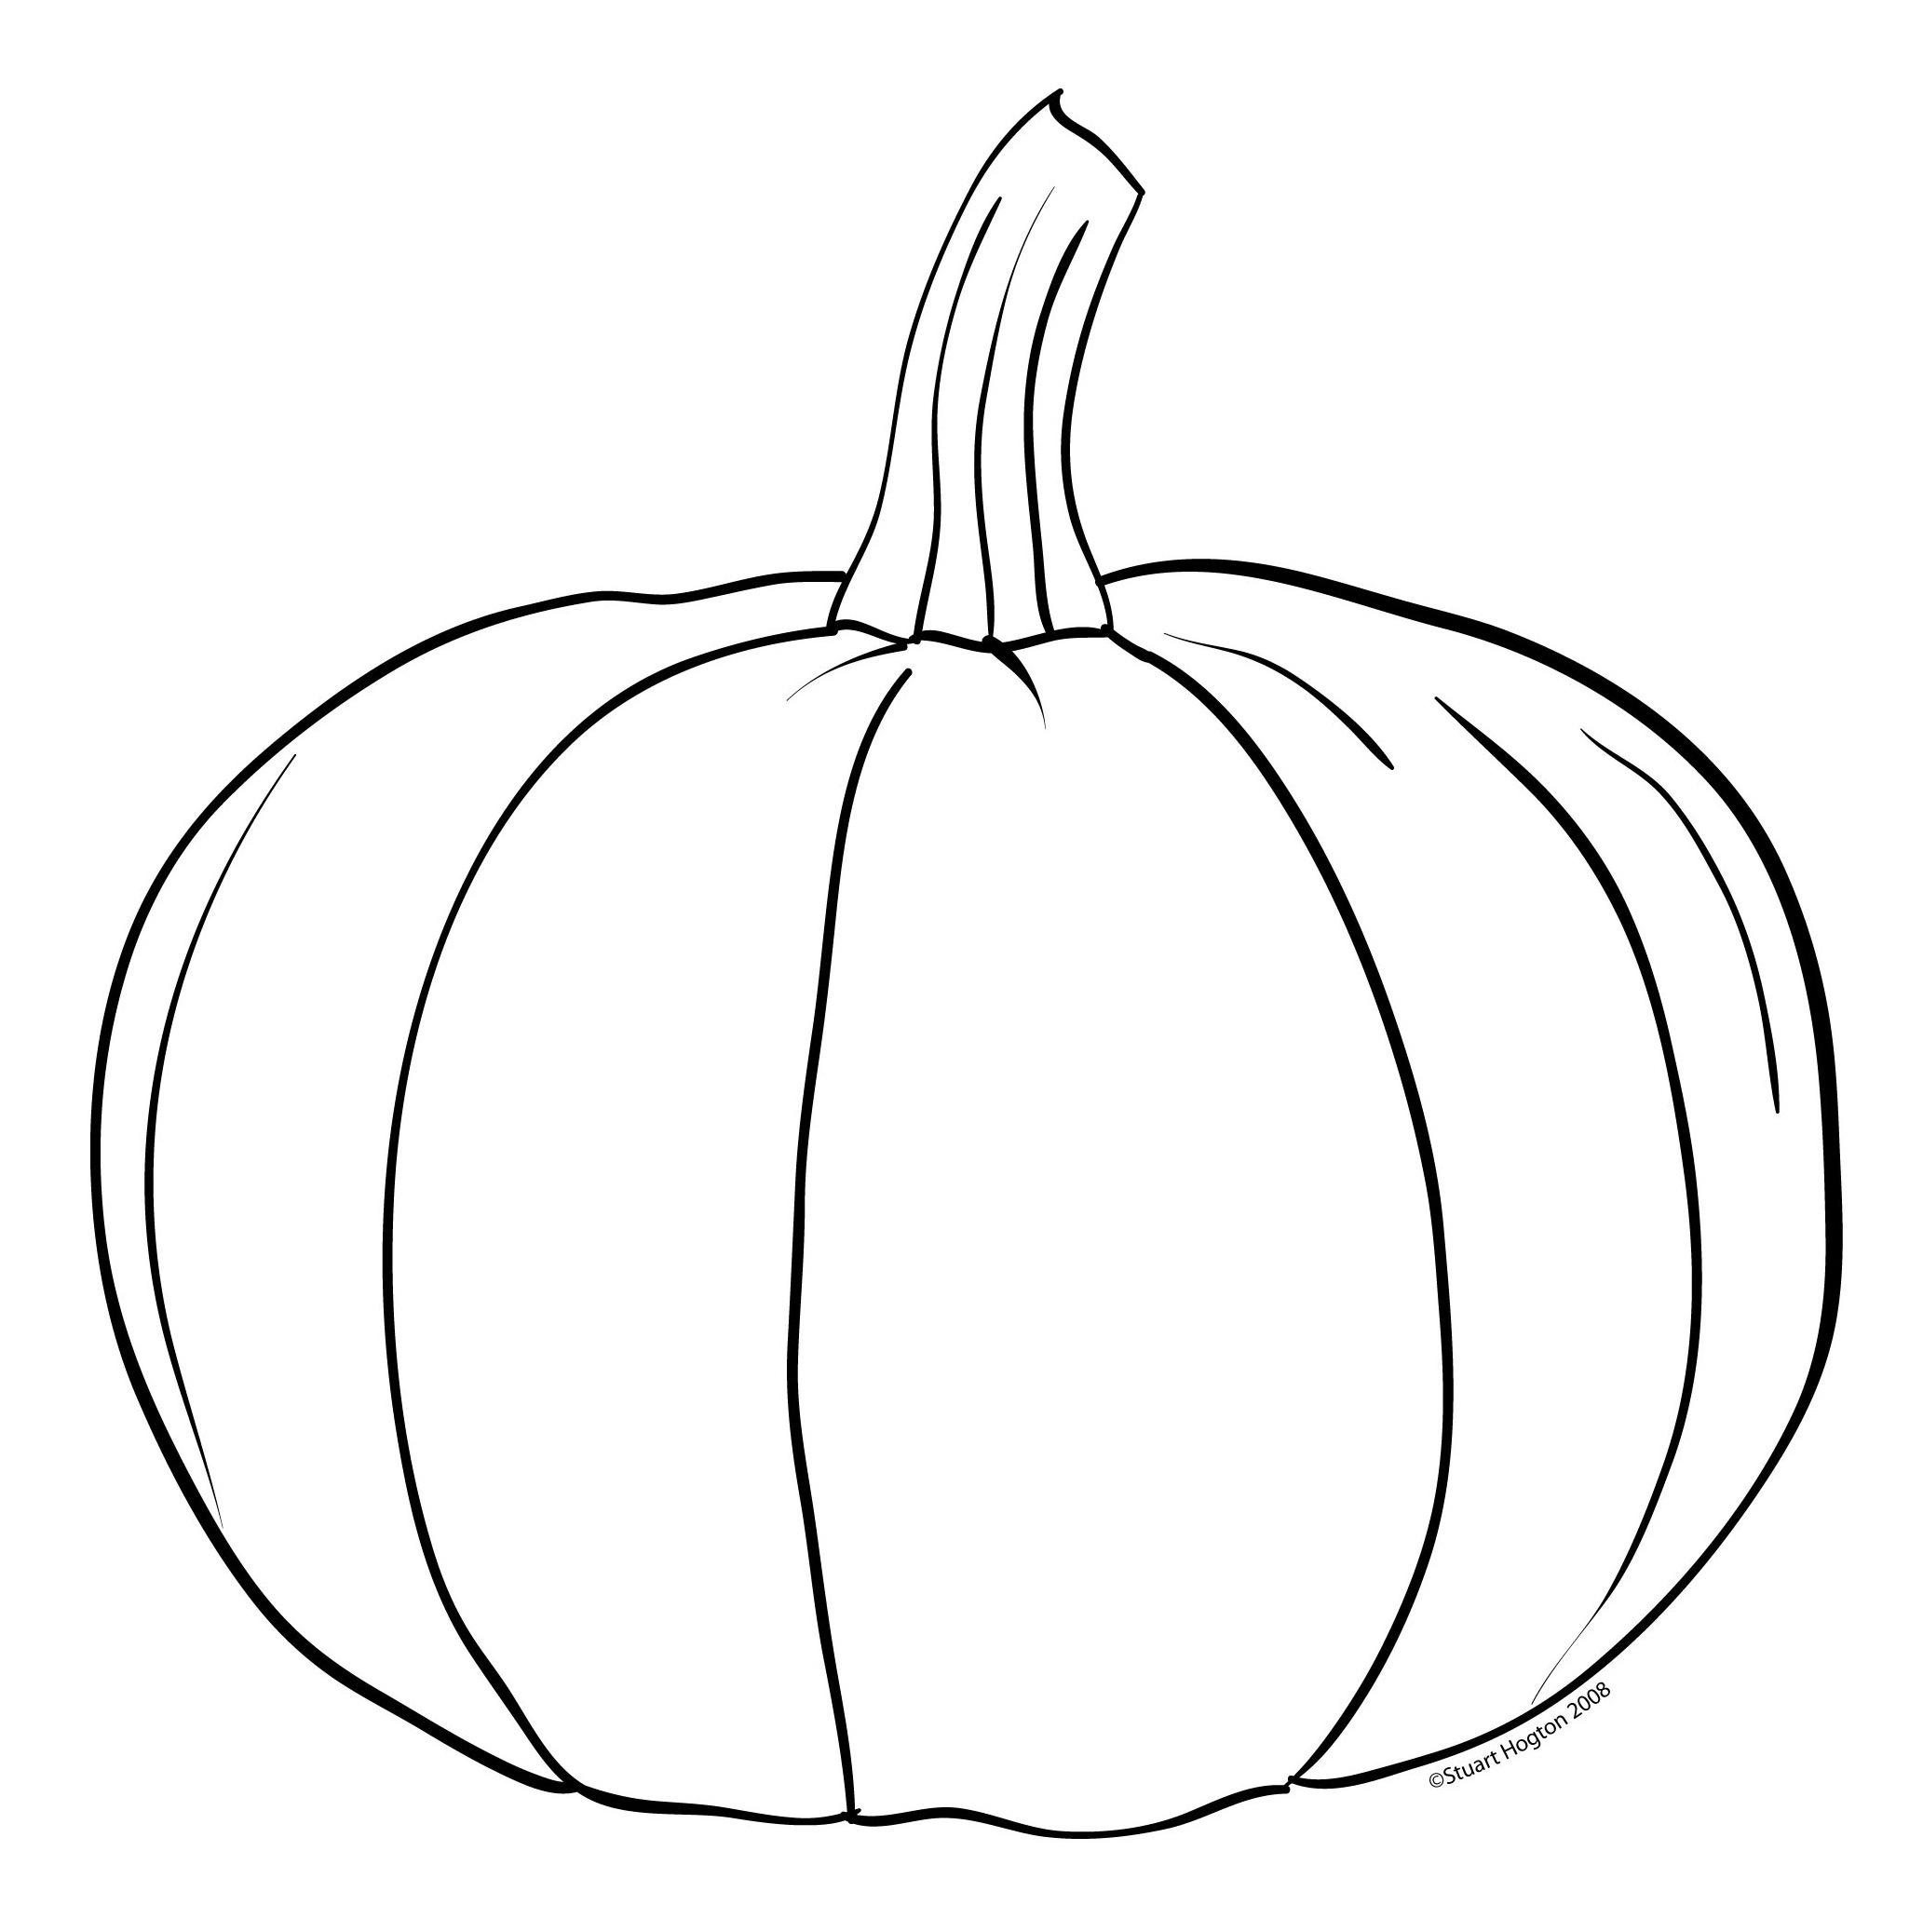 Pumpkin Line Drawing - ClipArt Tall Pumpkin Outline Clip Art